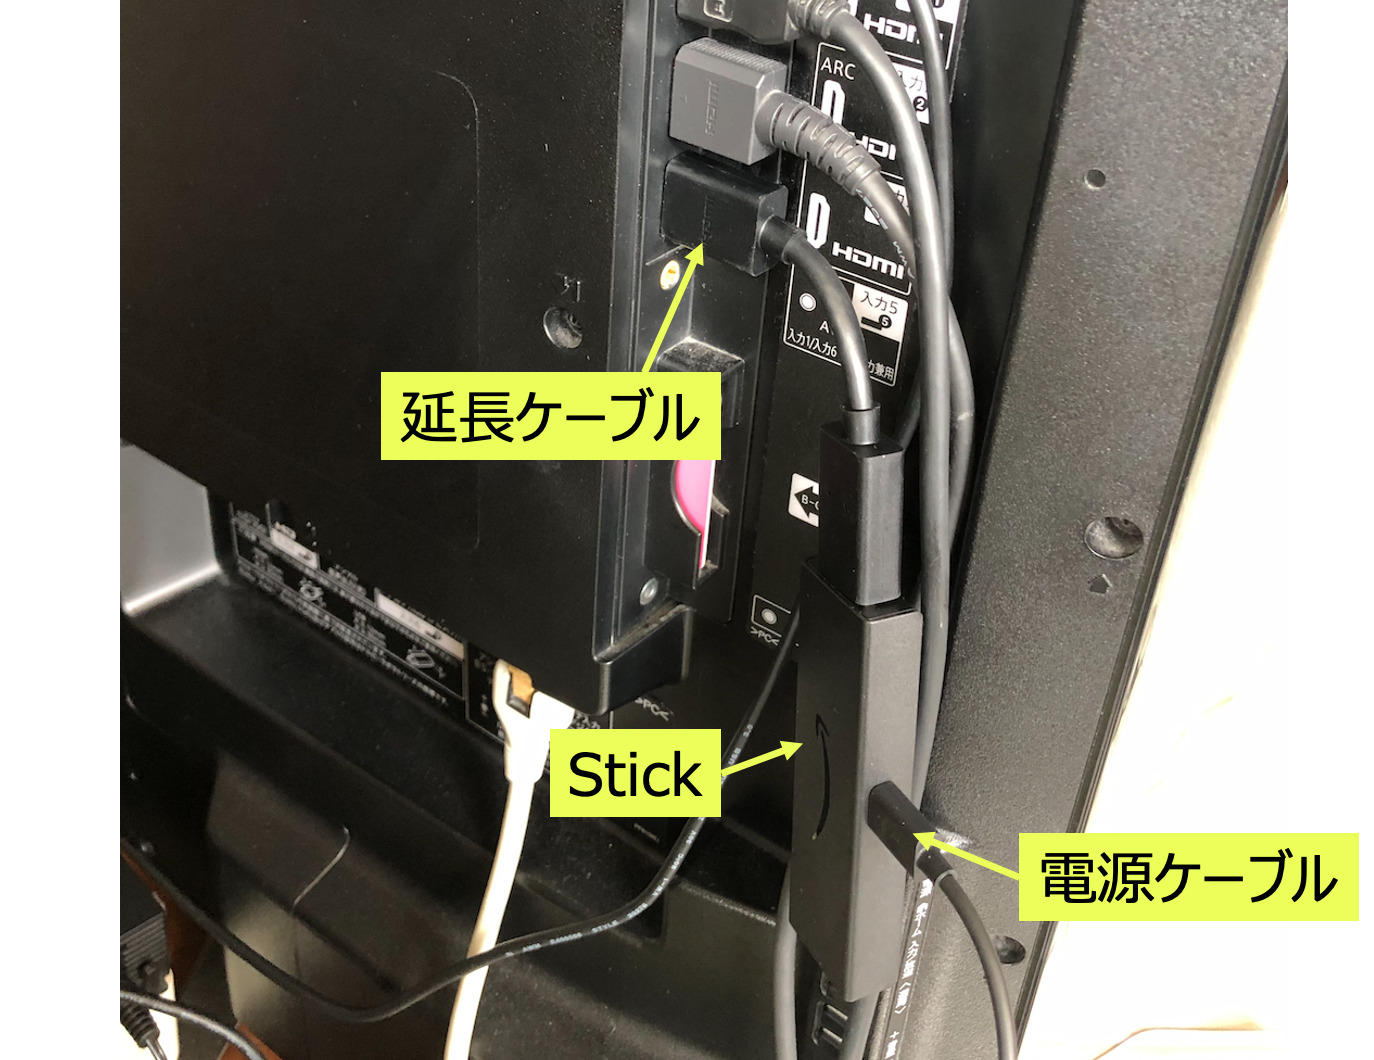 Stickのテレビ接続2